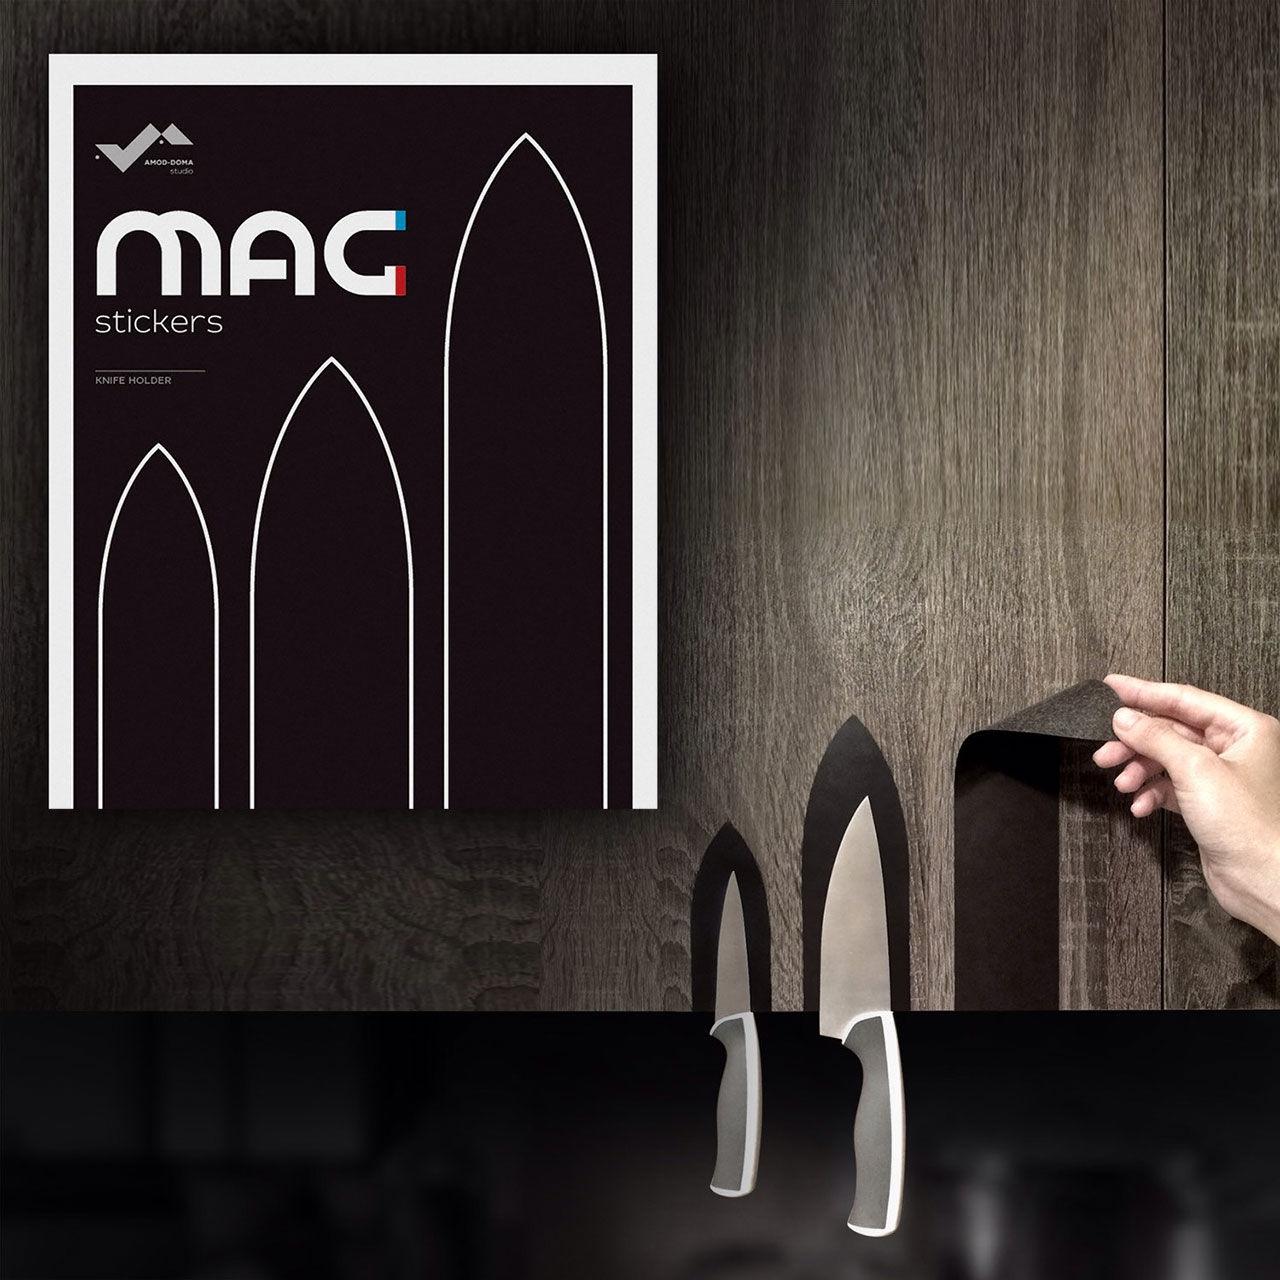 Häng upp knivarna med magnetklistermärken